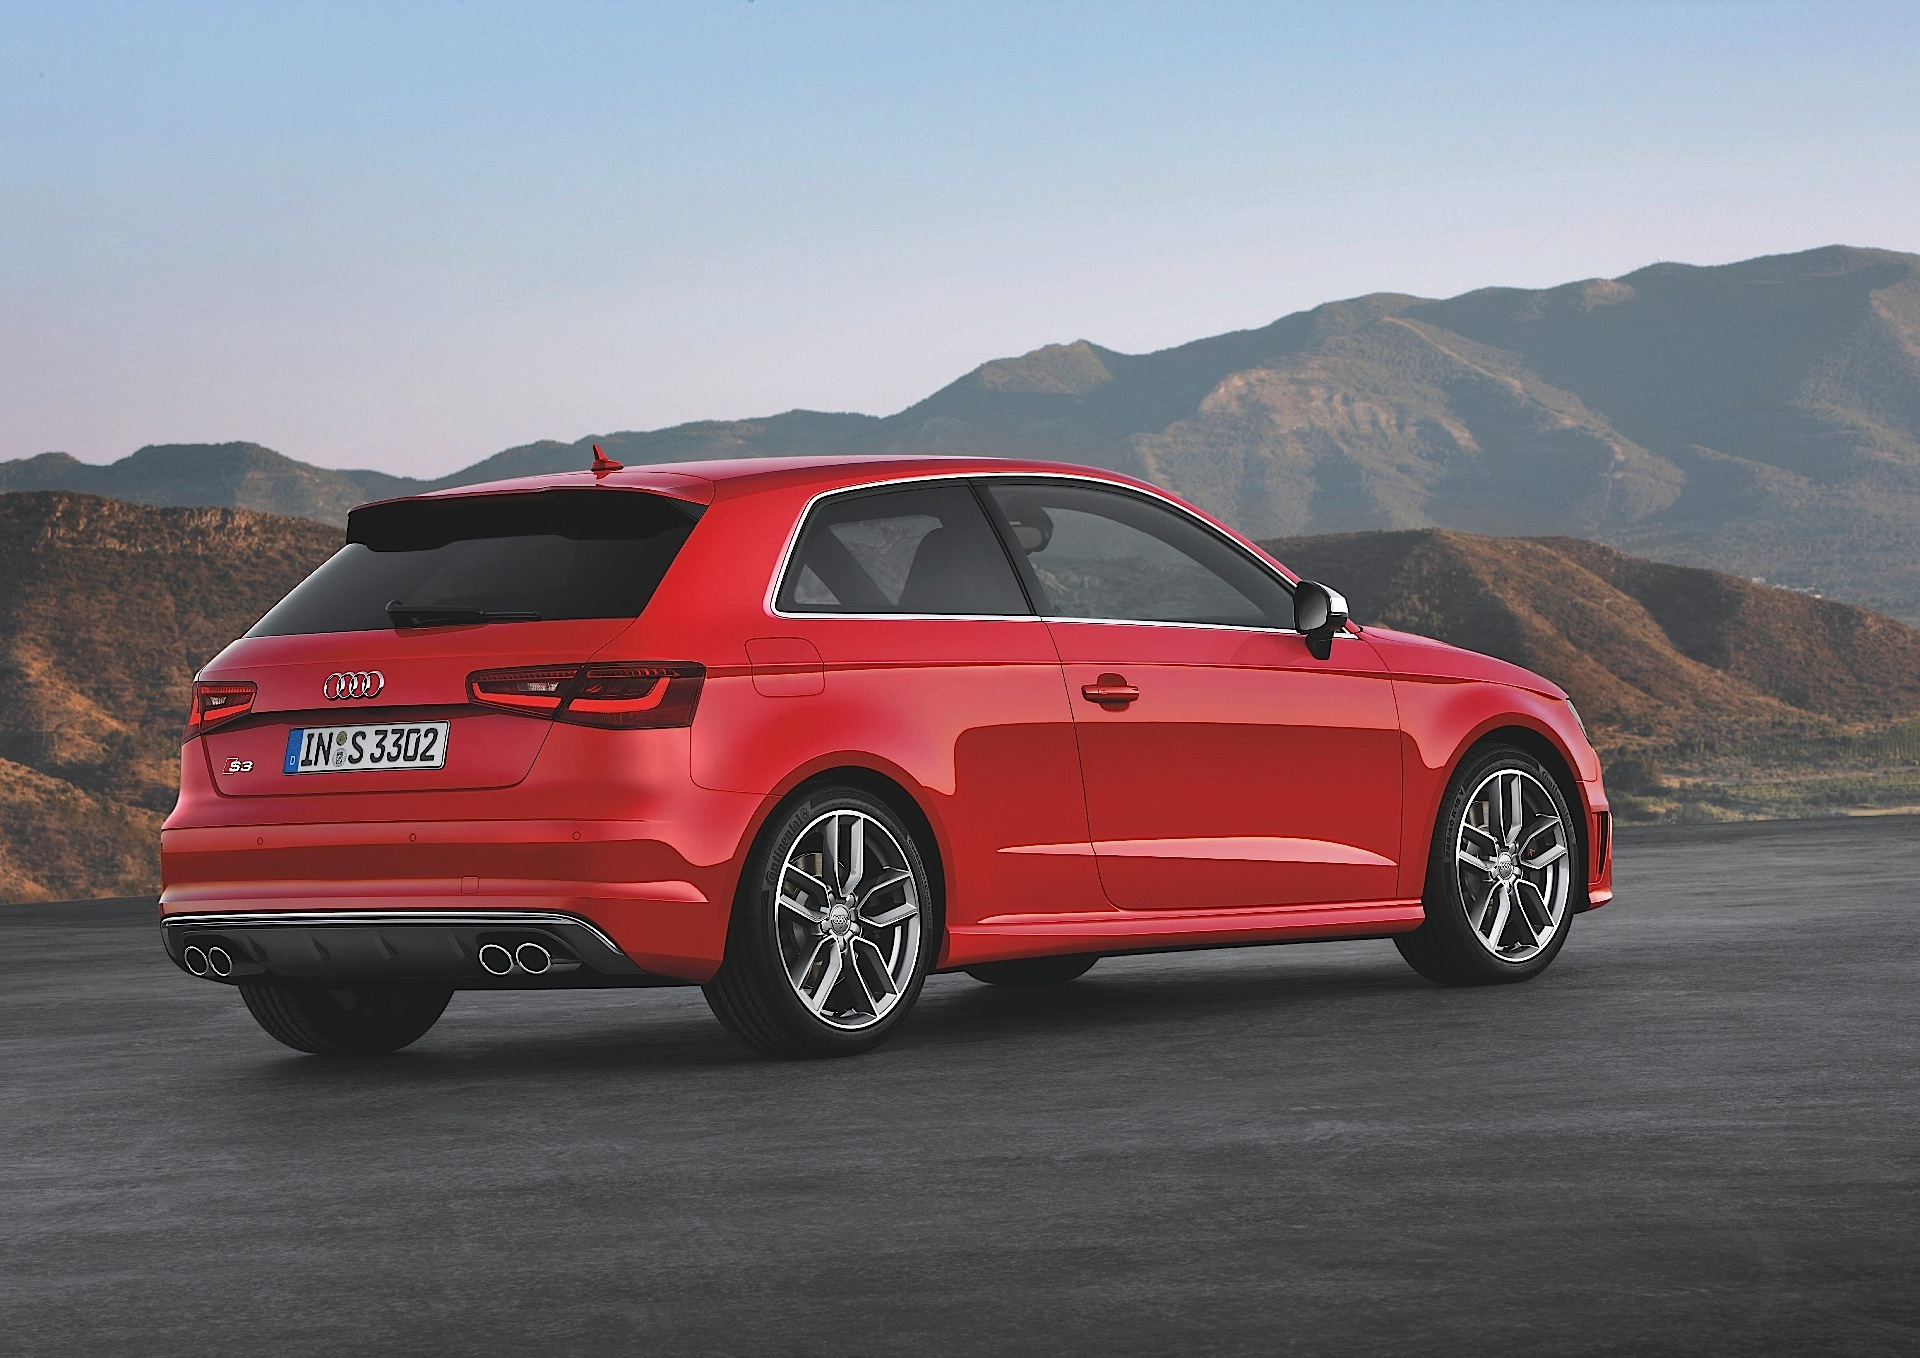 Kelebihan Kekurangan Audi S3 2014 Spesifikasi